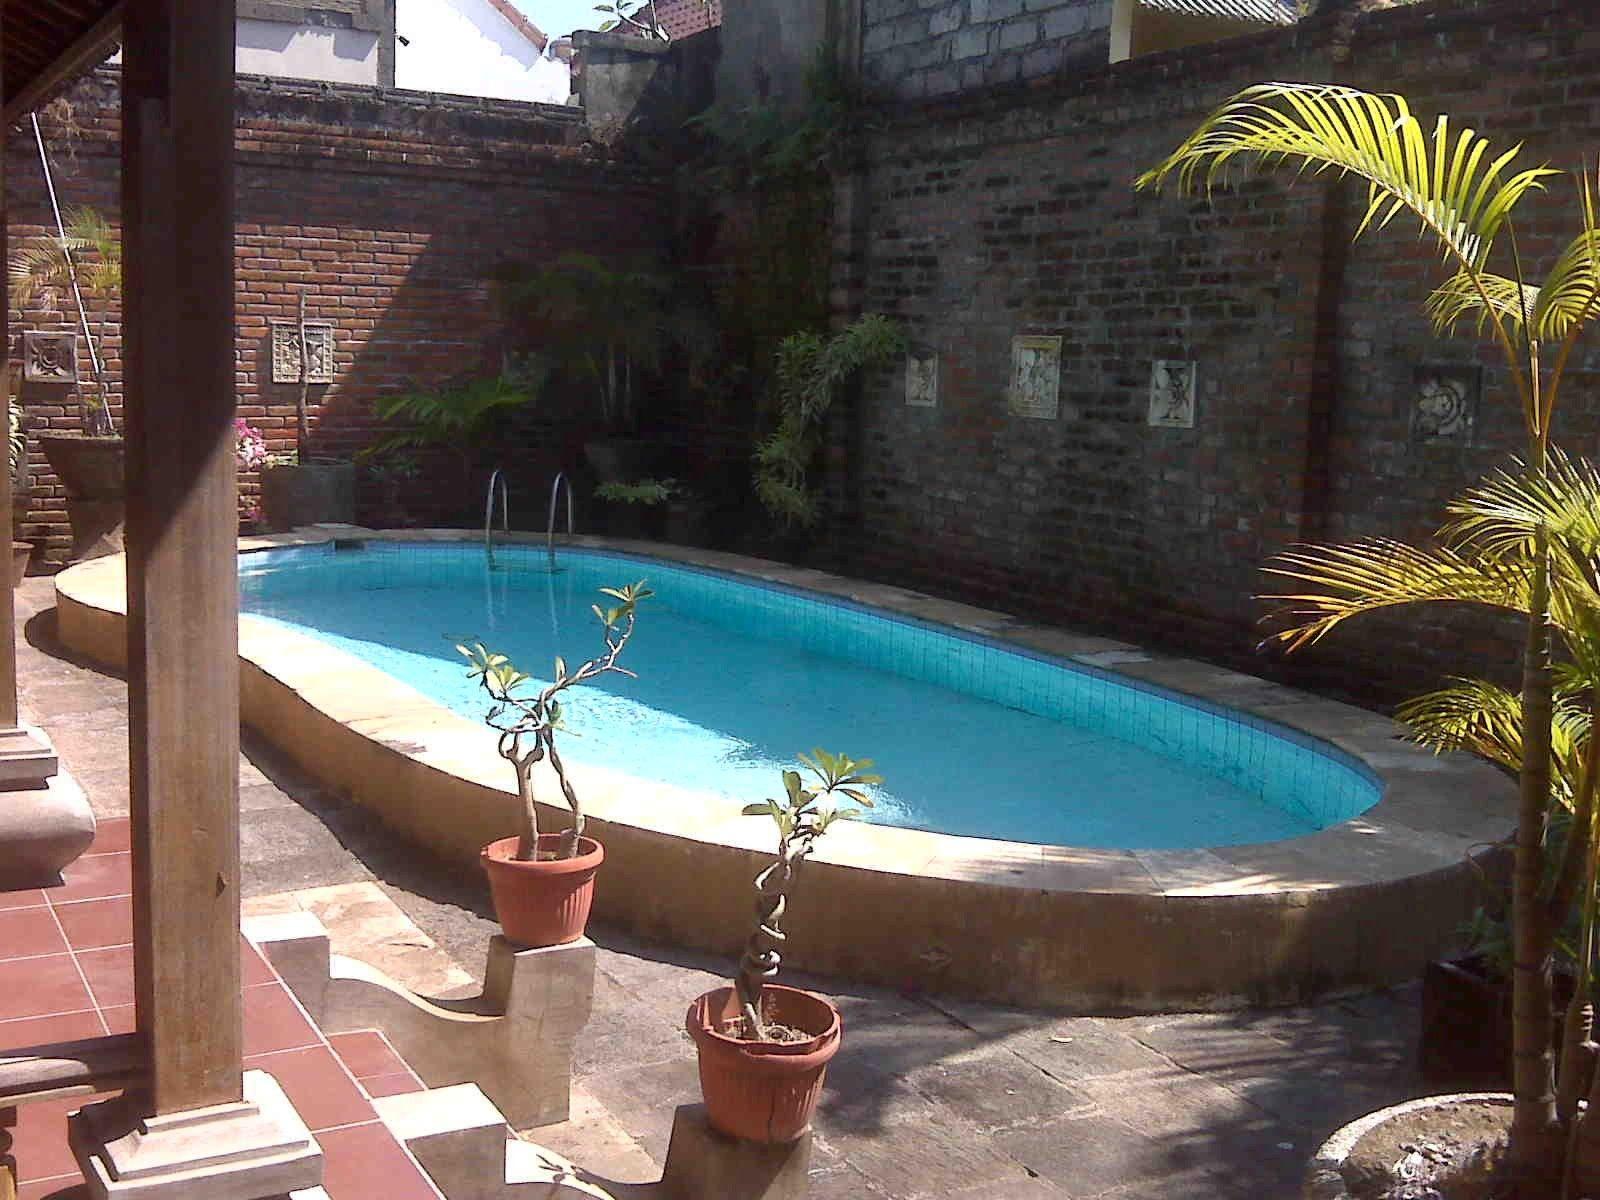 kreasi rumah ada paviliun kolam renang modern